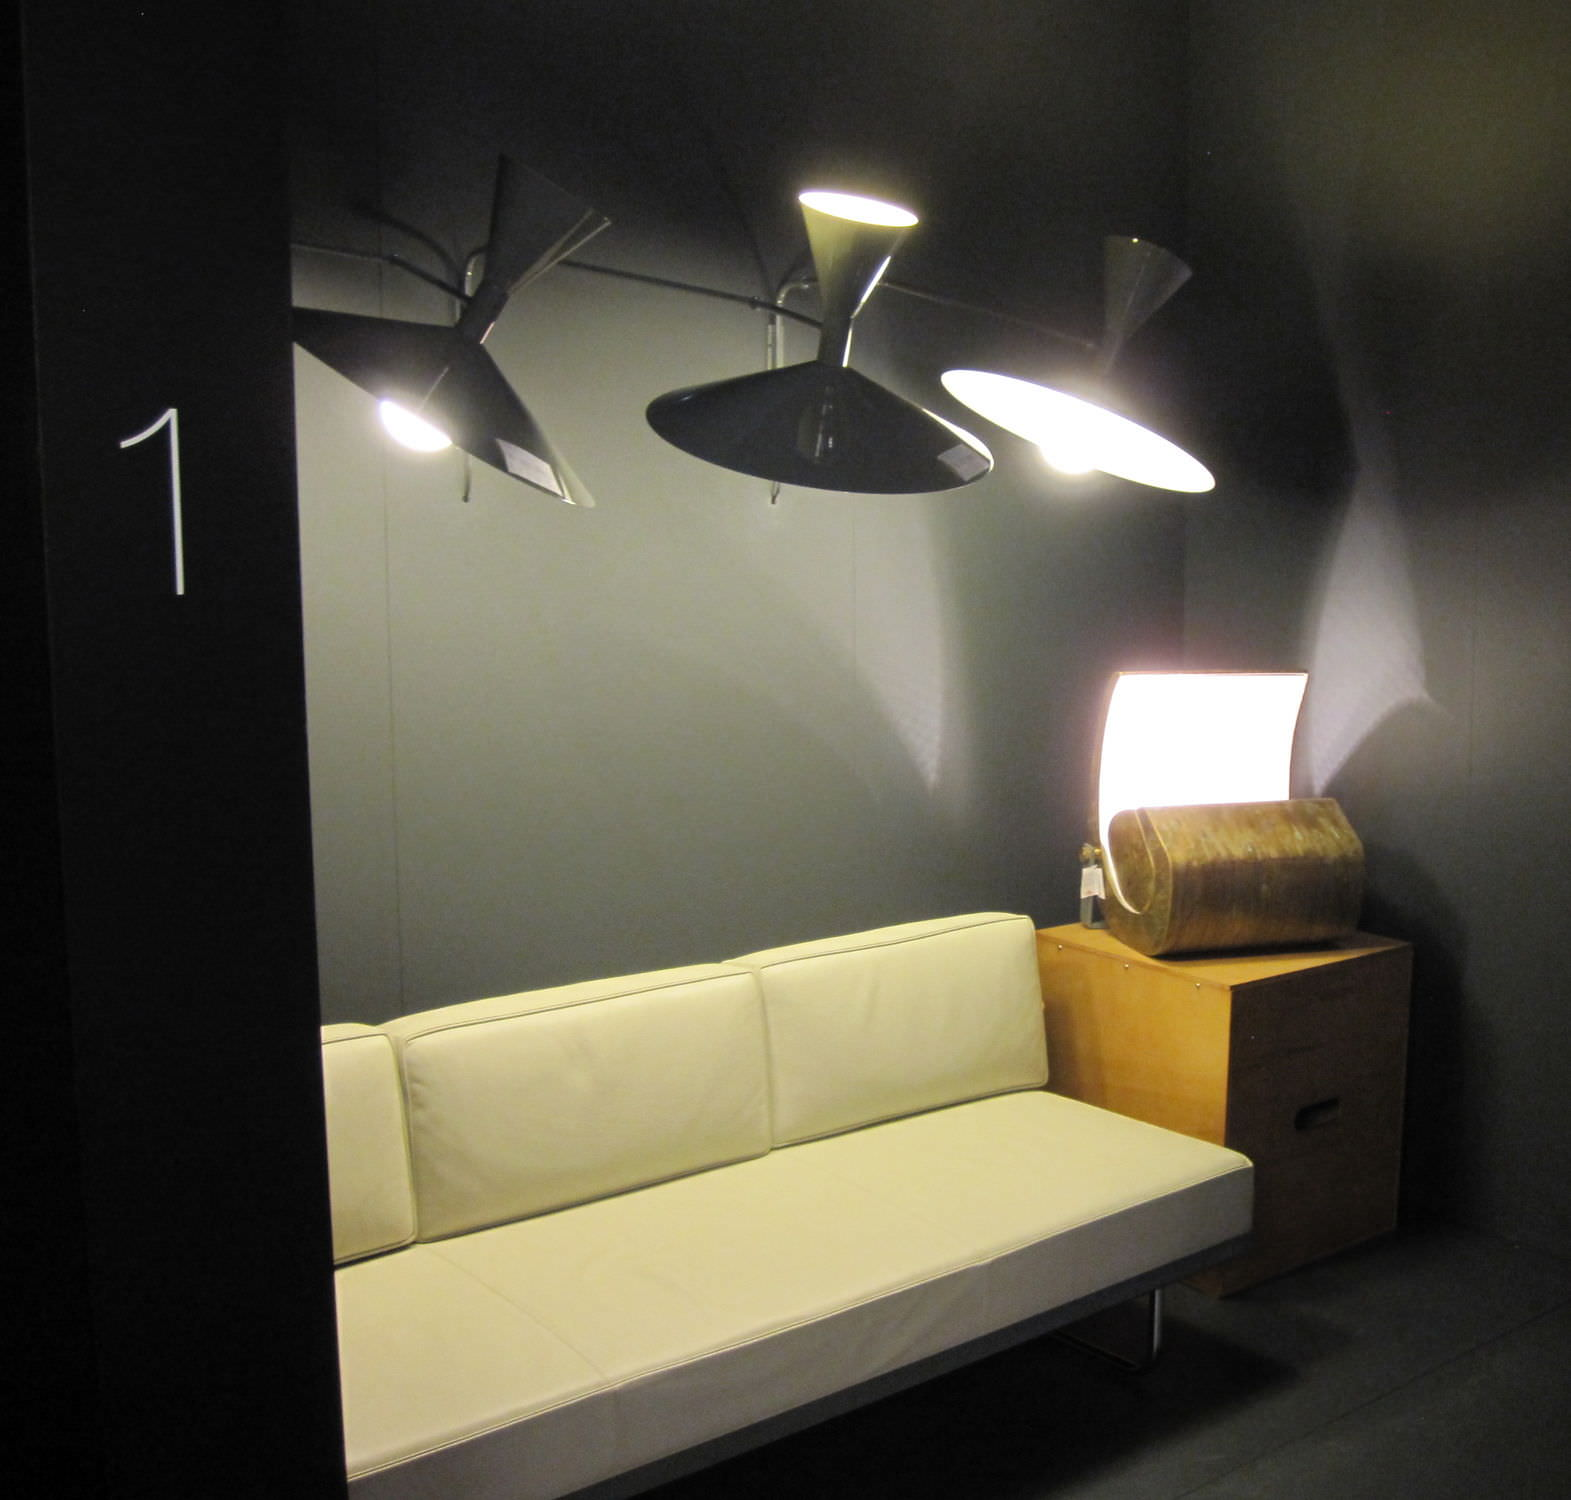 9627-4151431 Faszinierend Up Down Lampe Dekorationen